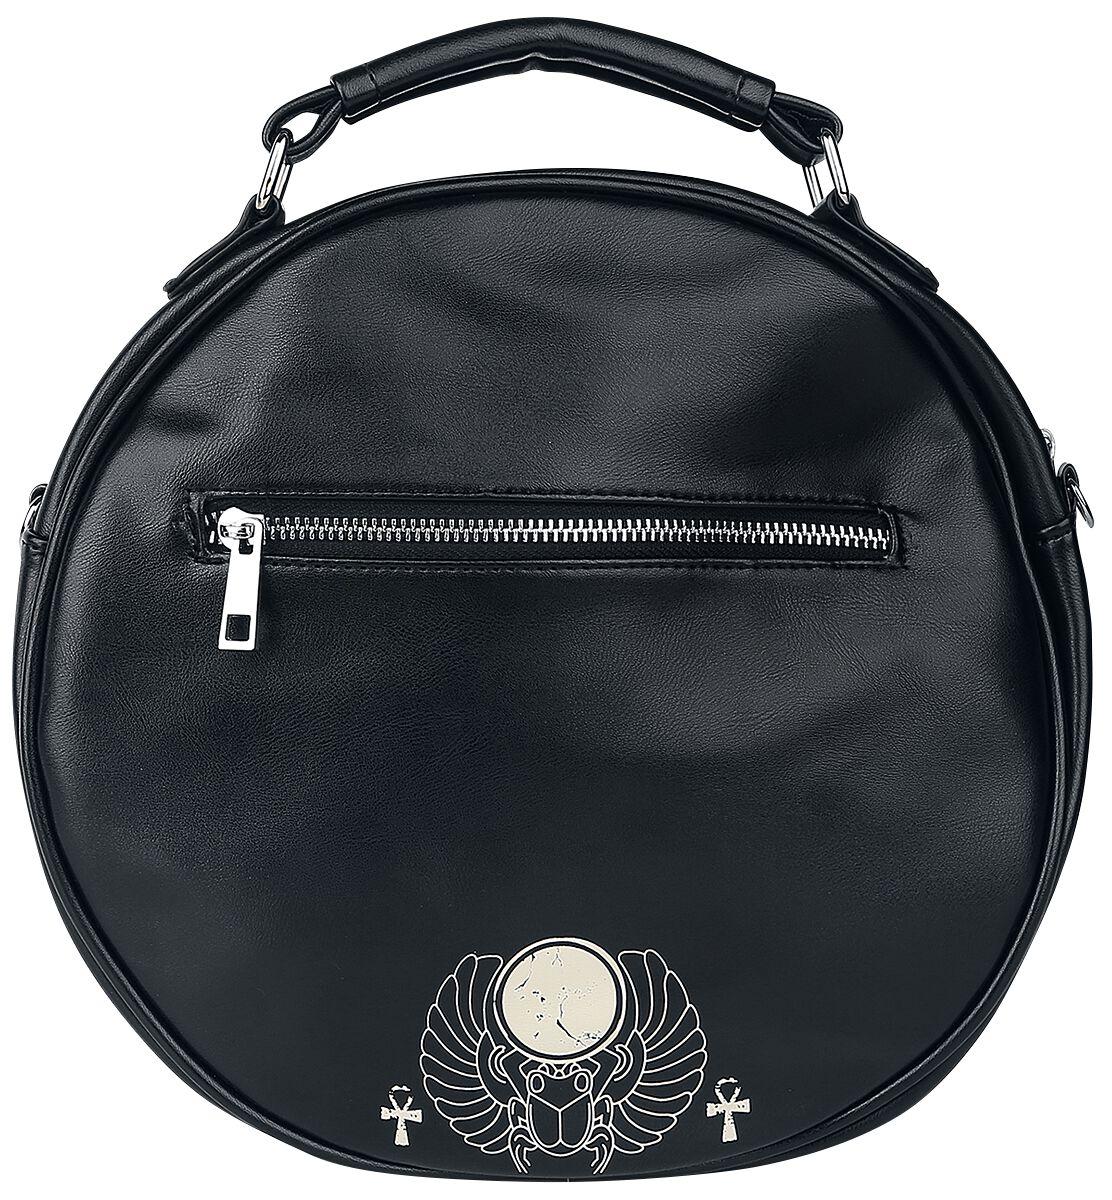 Osta Käsilaukku : Osta ankh cat k?silaukku netist?